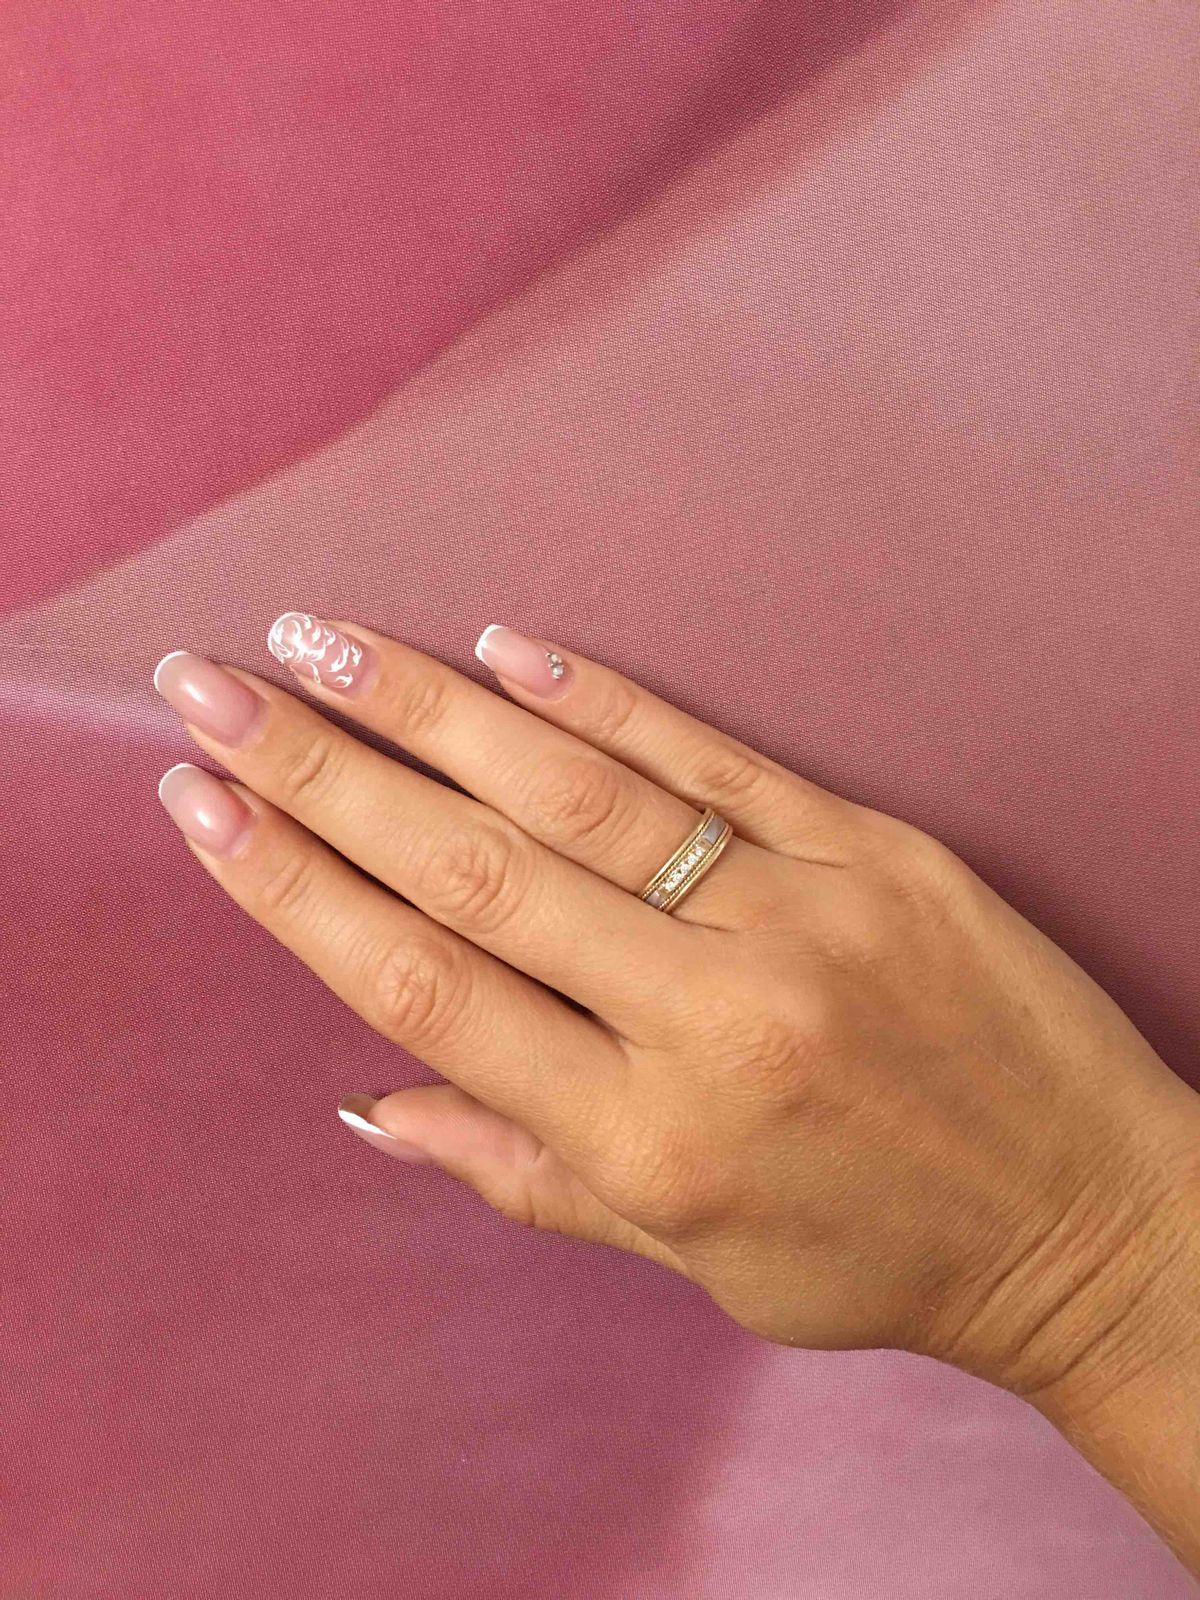 Идеальное обручальное кольцо!